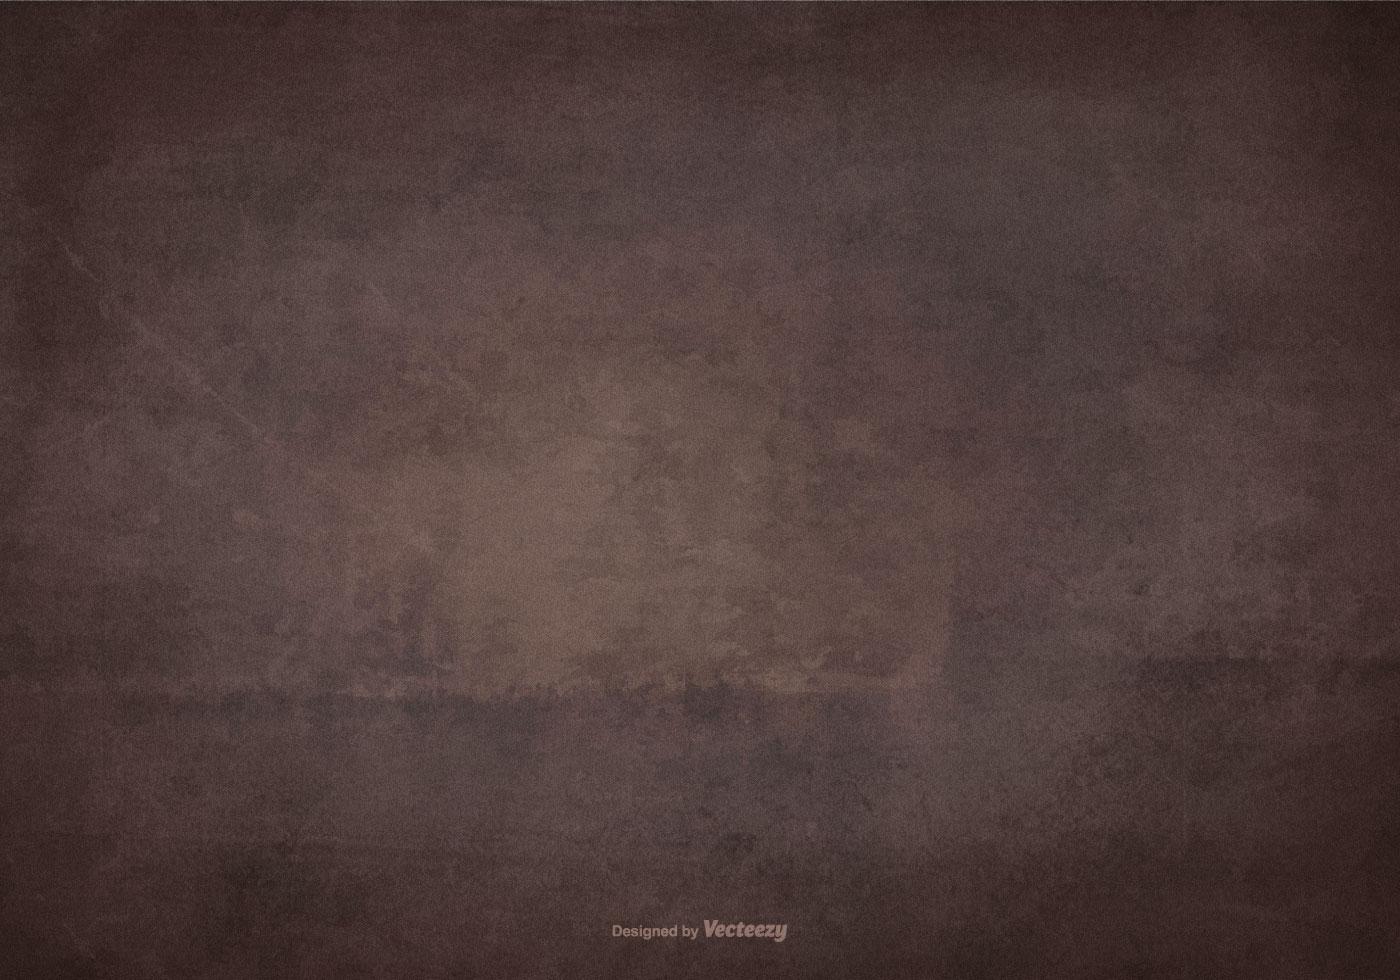 Dark Brown Grunge Background - Download Free Vector Art ...